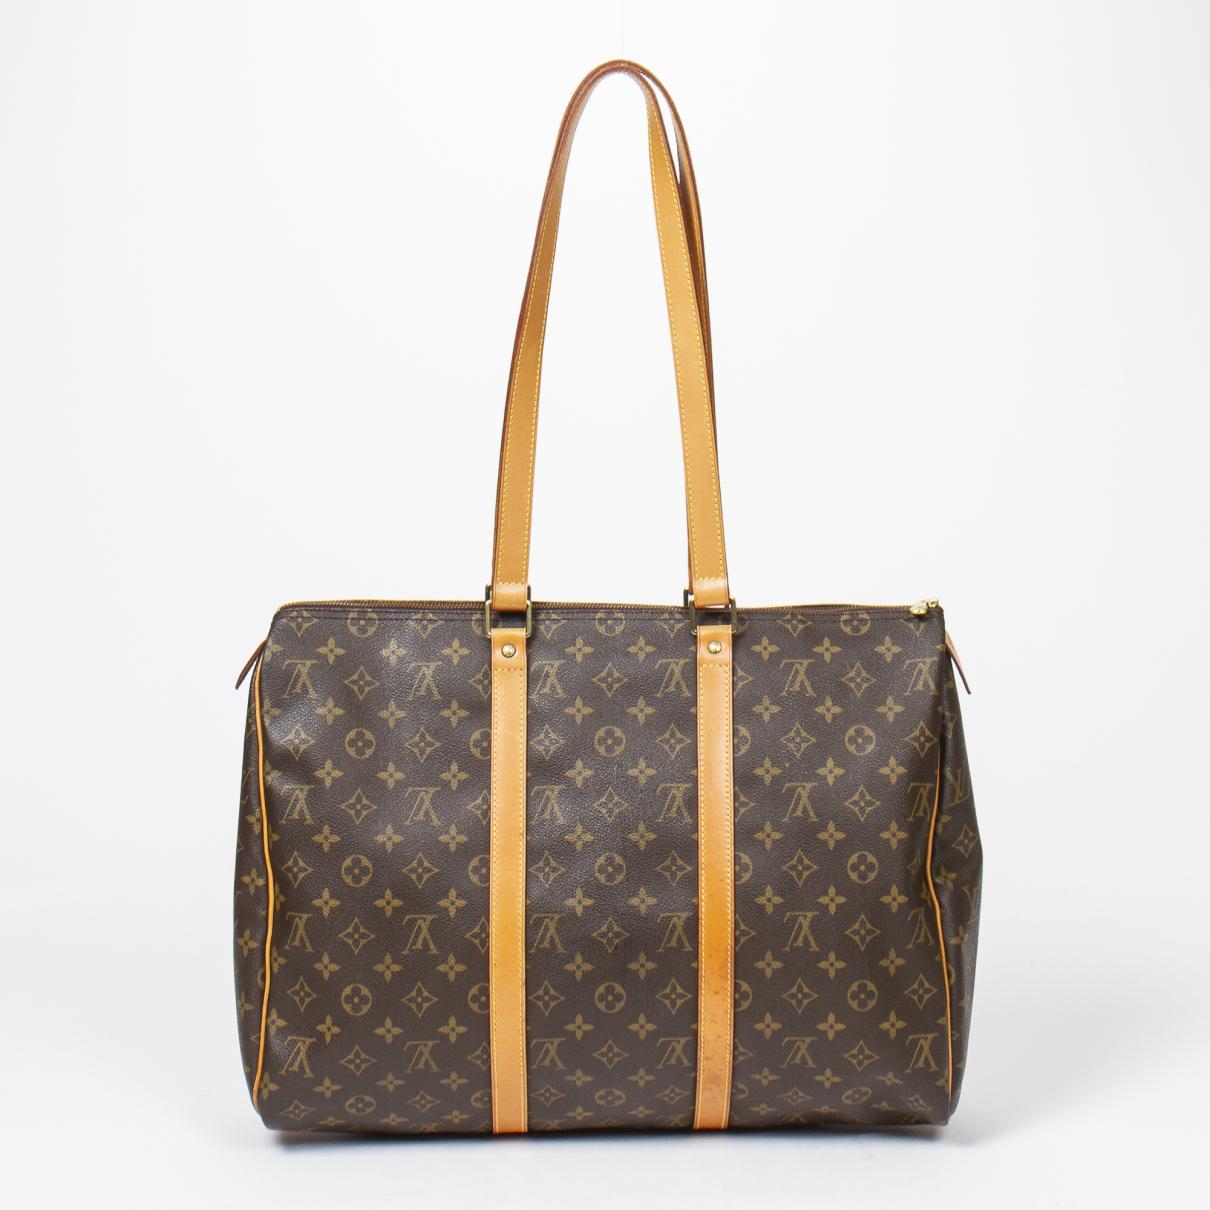 Louis Vuitton - Sac de voyage Flanerie pour femme en coton - marron